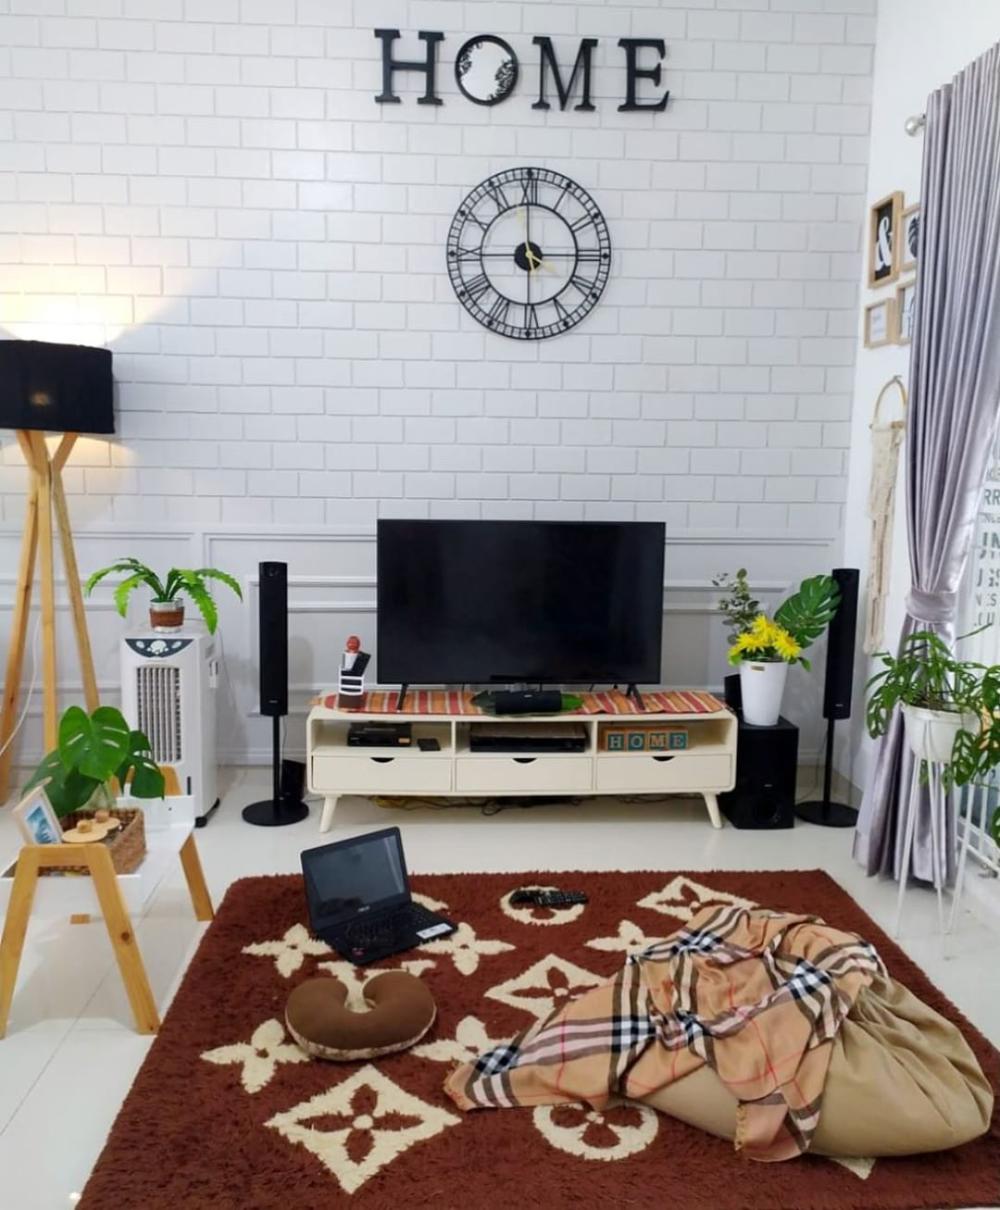 21 Wallpaper Dinding Ruang Tamu Minimalis Paling Mempesona Terbaru 2020 Motif Batu Bata Dekor Home Design Decor Gaya Ruang Tamu Dekorasi Dinding Ruang Tamu